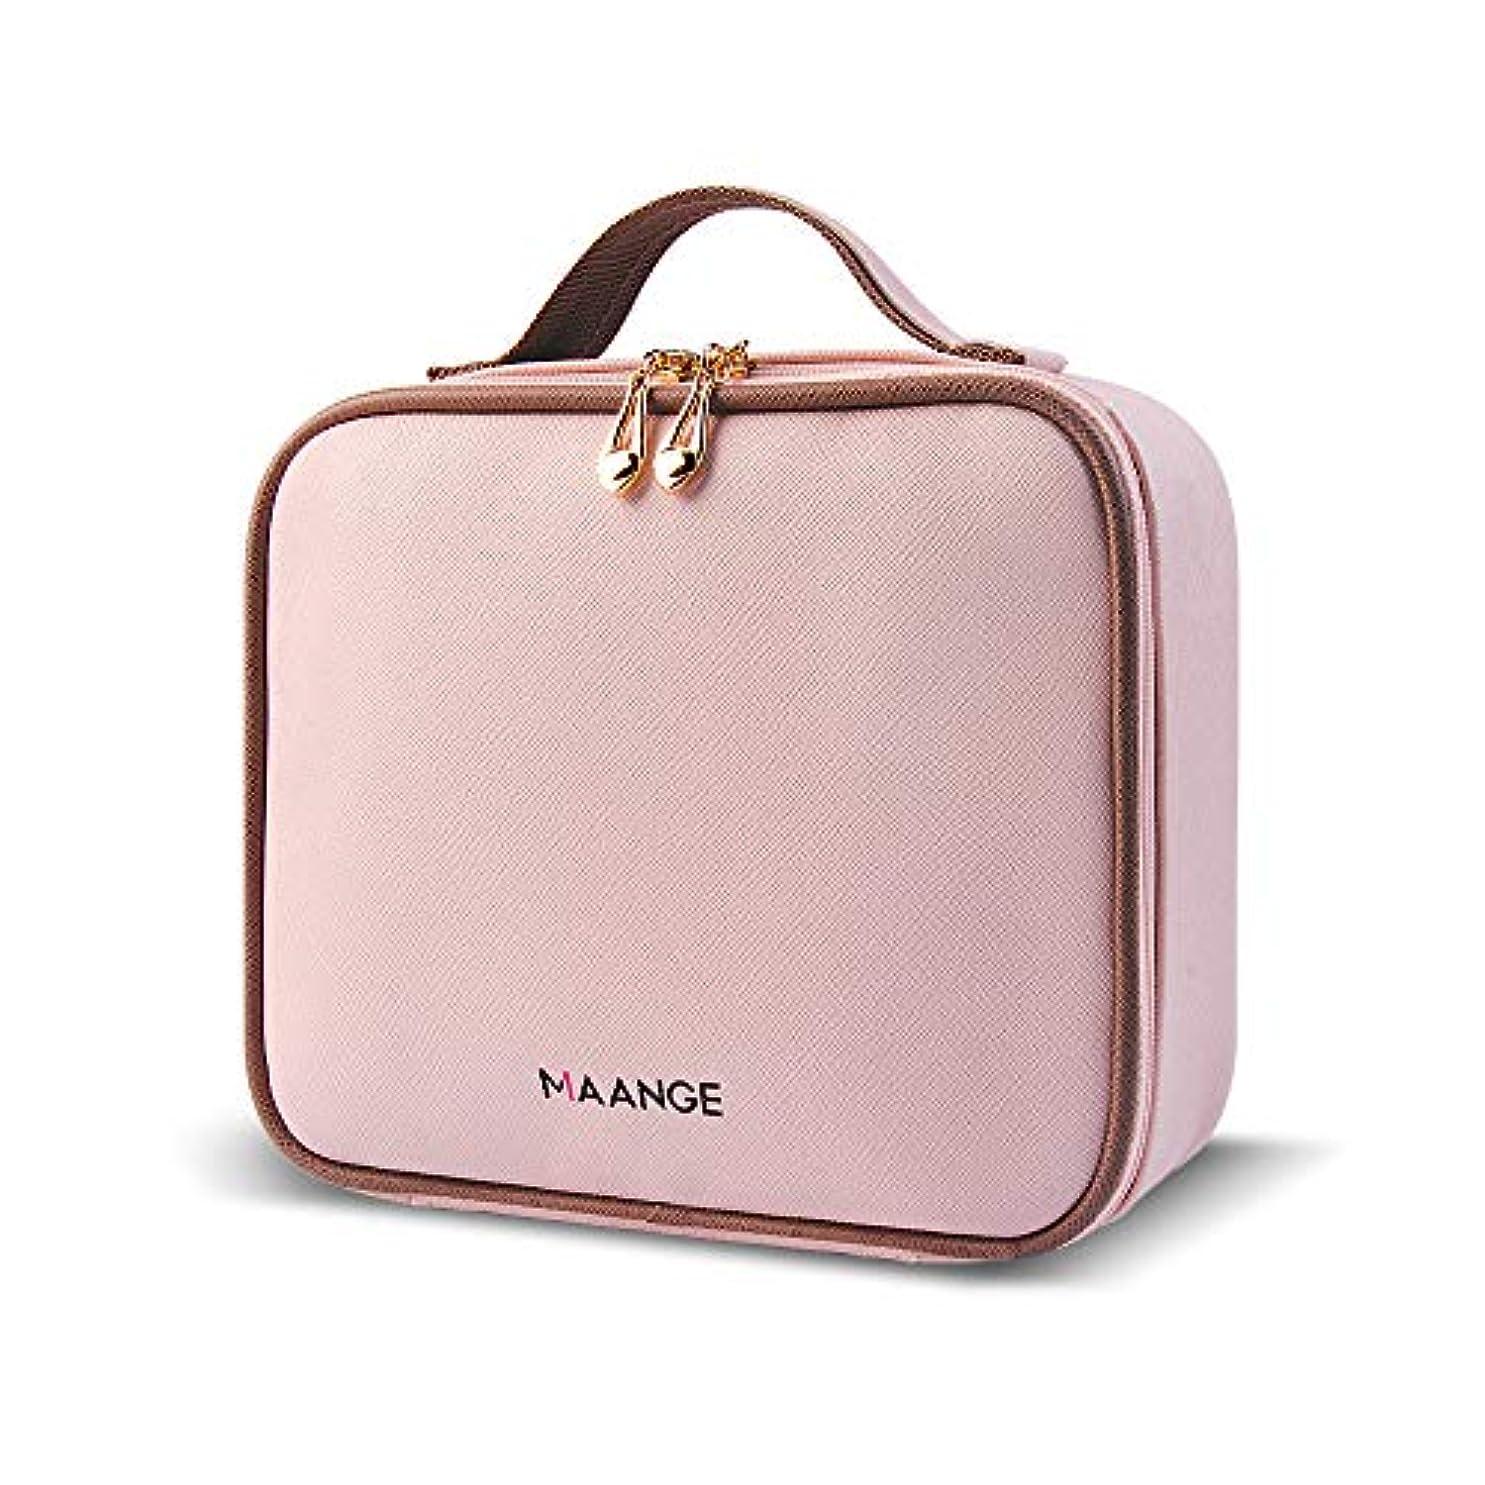 ファシズム集団的学習MAANGE 化粧ポーチ メイクポーチ コスメ収納ポーチ 高品質収納ボックス 旅行バッグ バニティポーチ 小物入れ 出張用バッグ(ピンク)